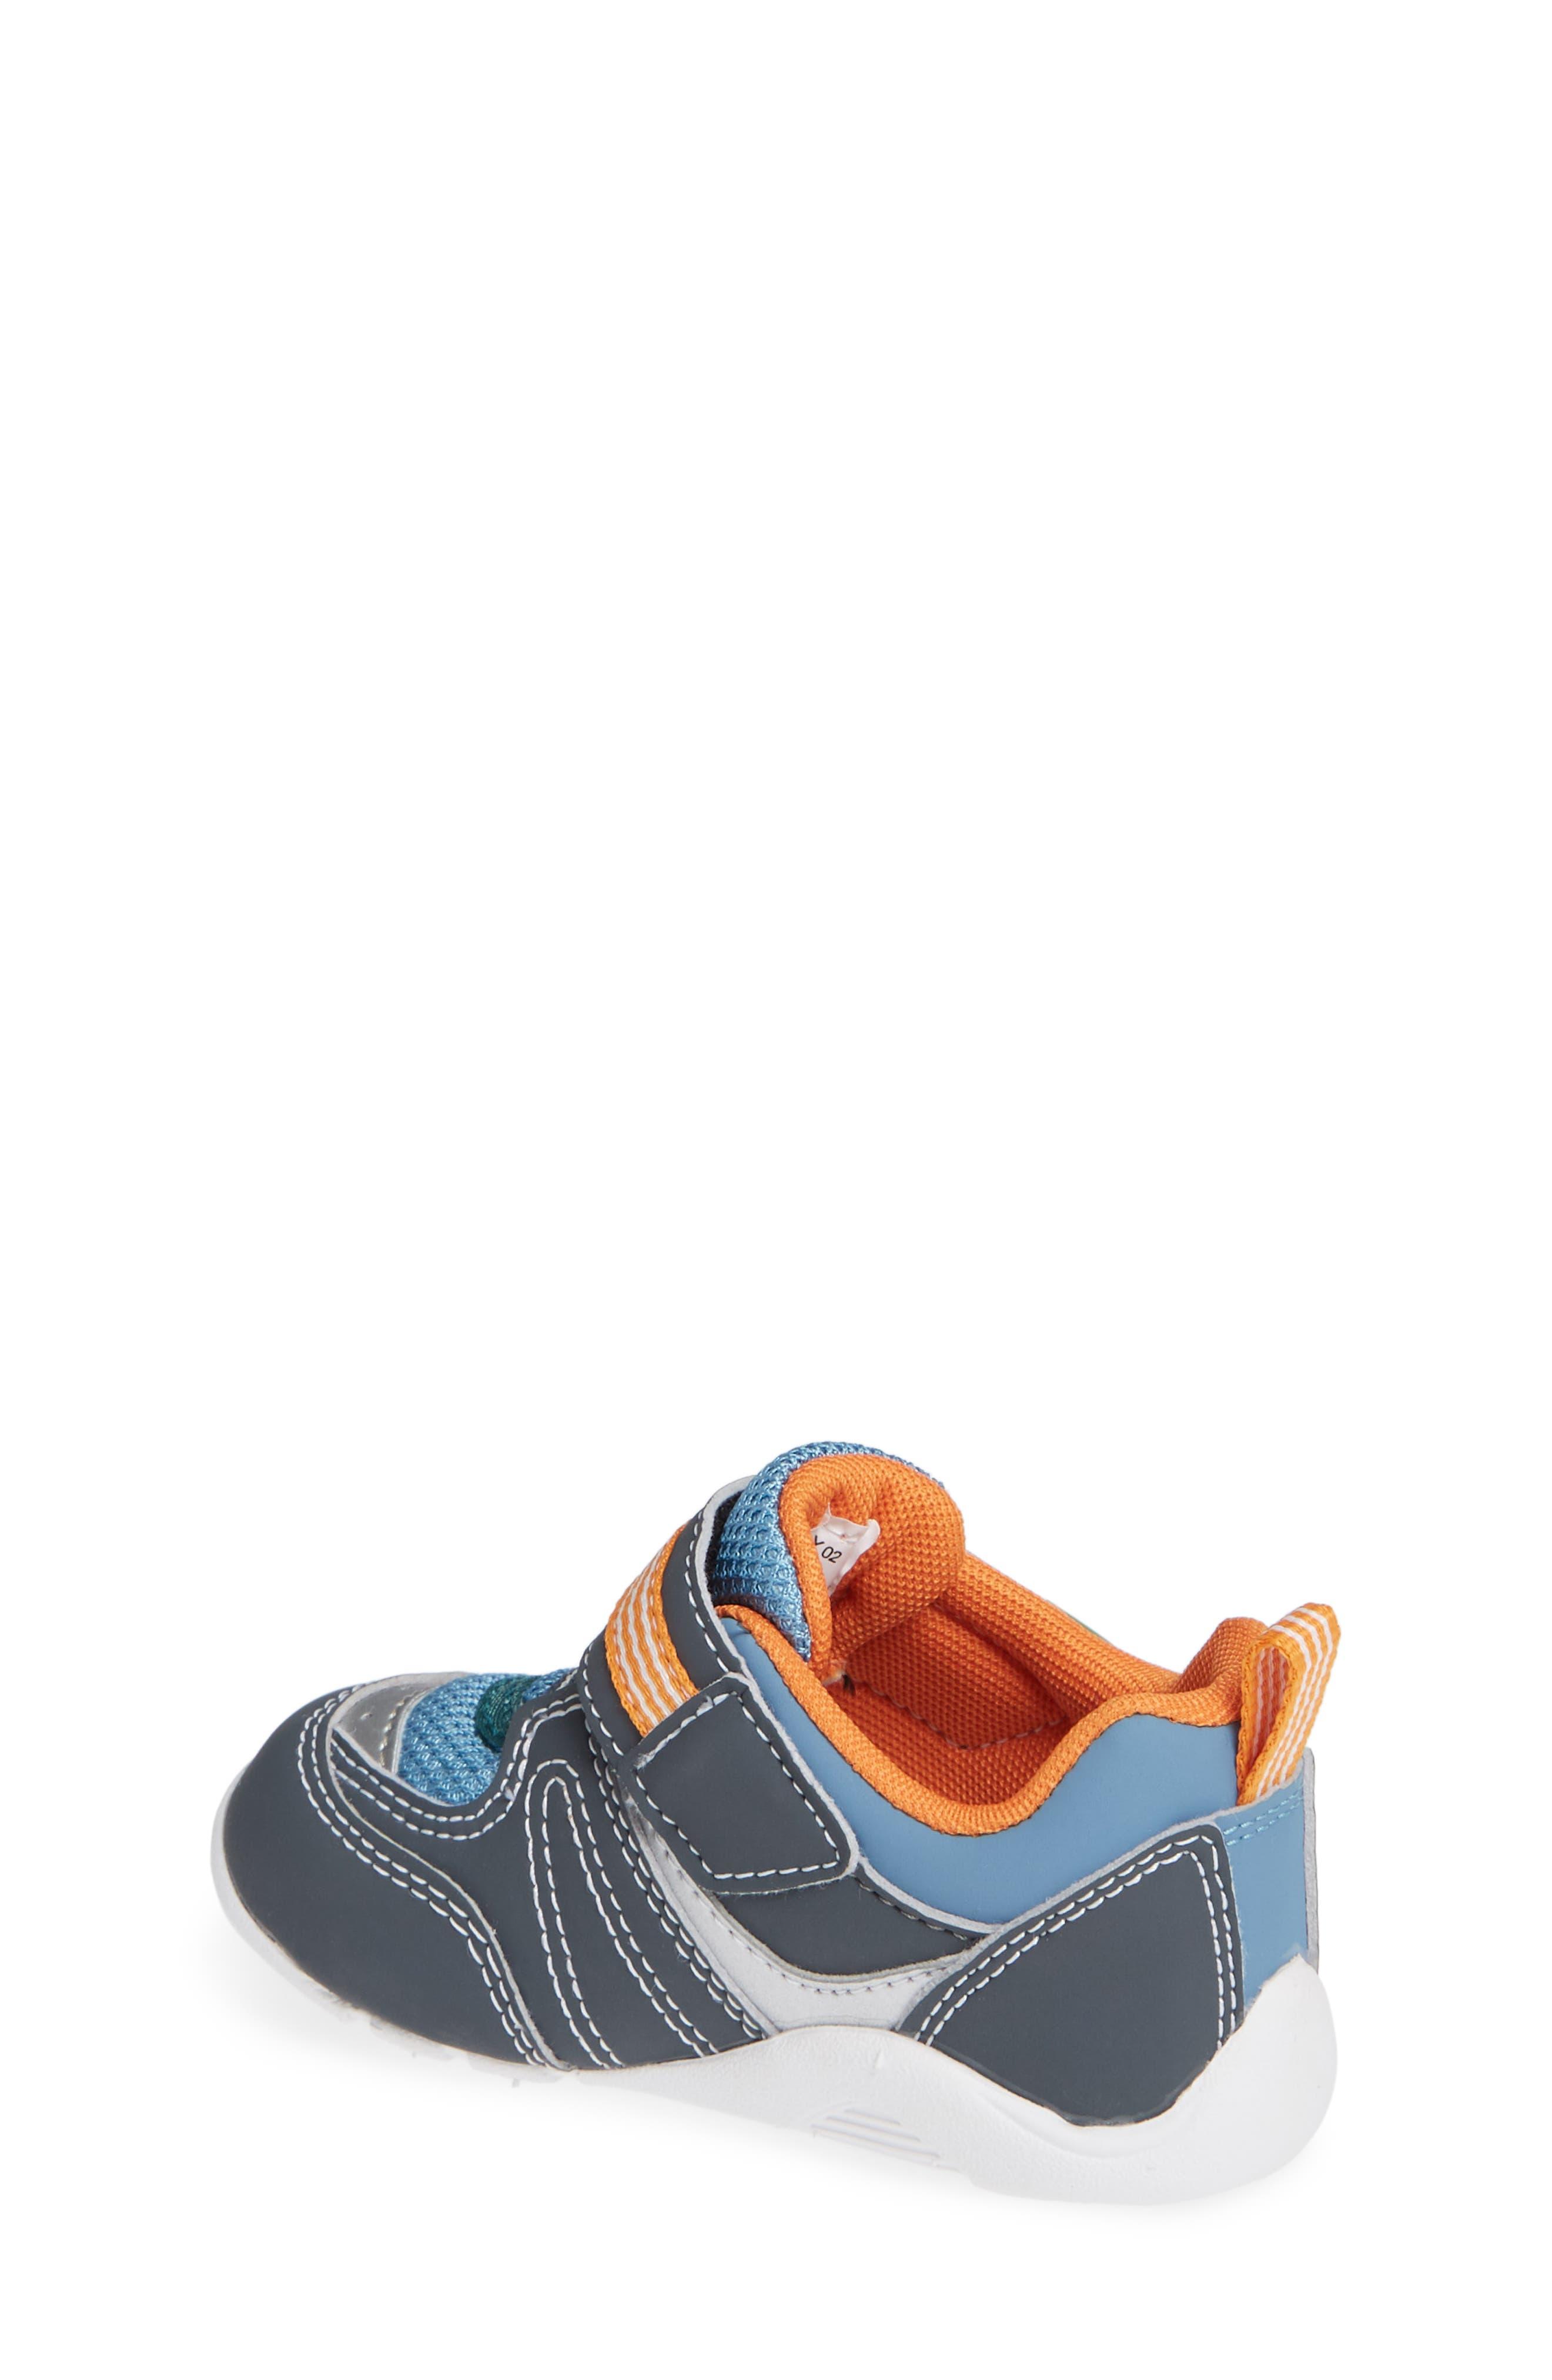 Neko Washable Sneaker,                             Alternate thumbnail 2, color,                             CHARCOAL/ SEA